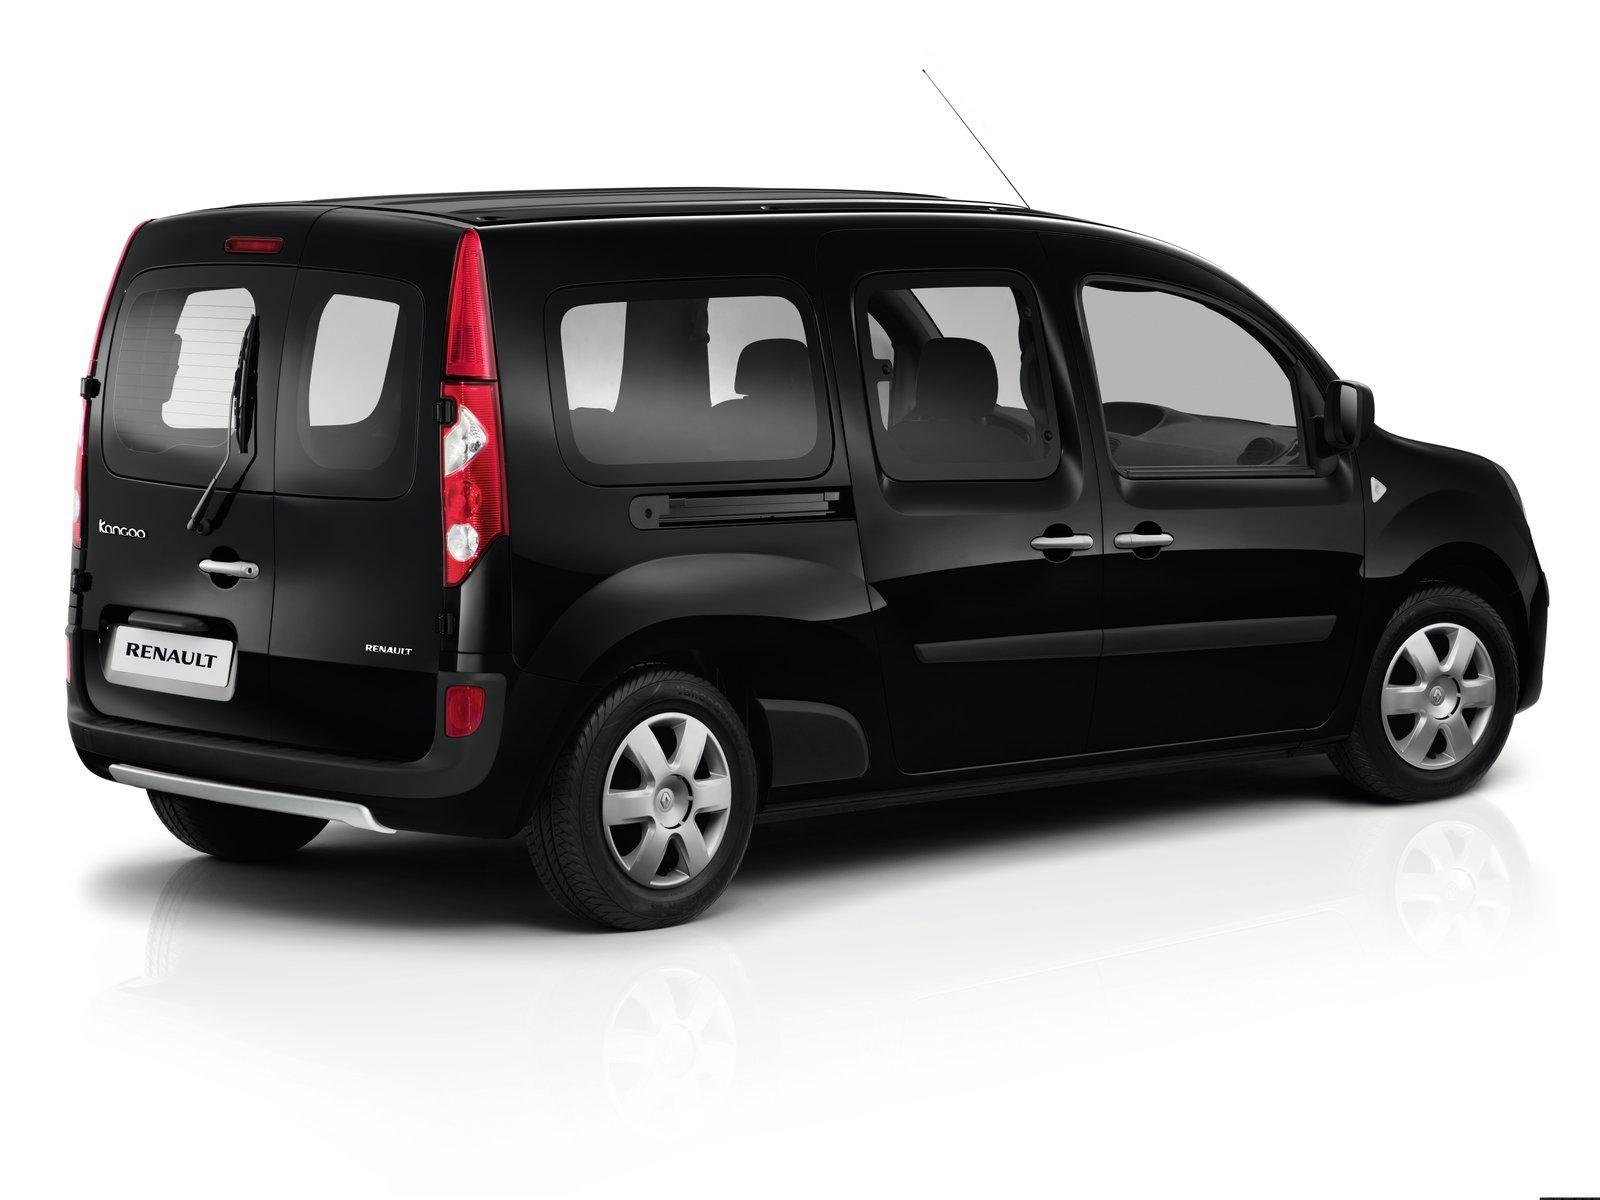 2012 renault grand kangoo 7 seat van price 20 750 for Grand garage feray renault